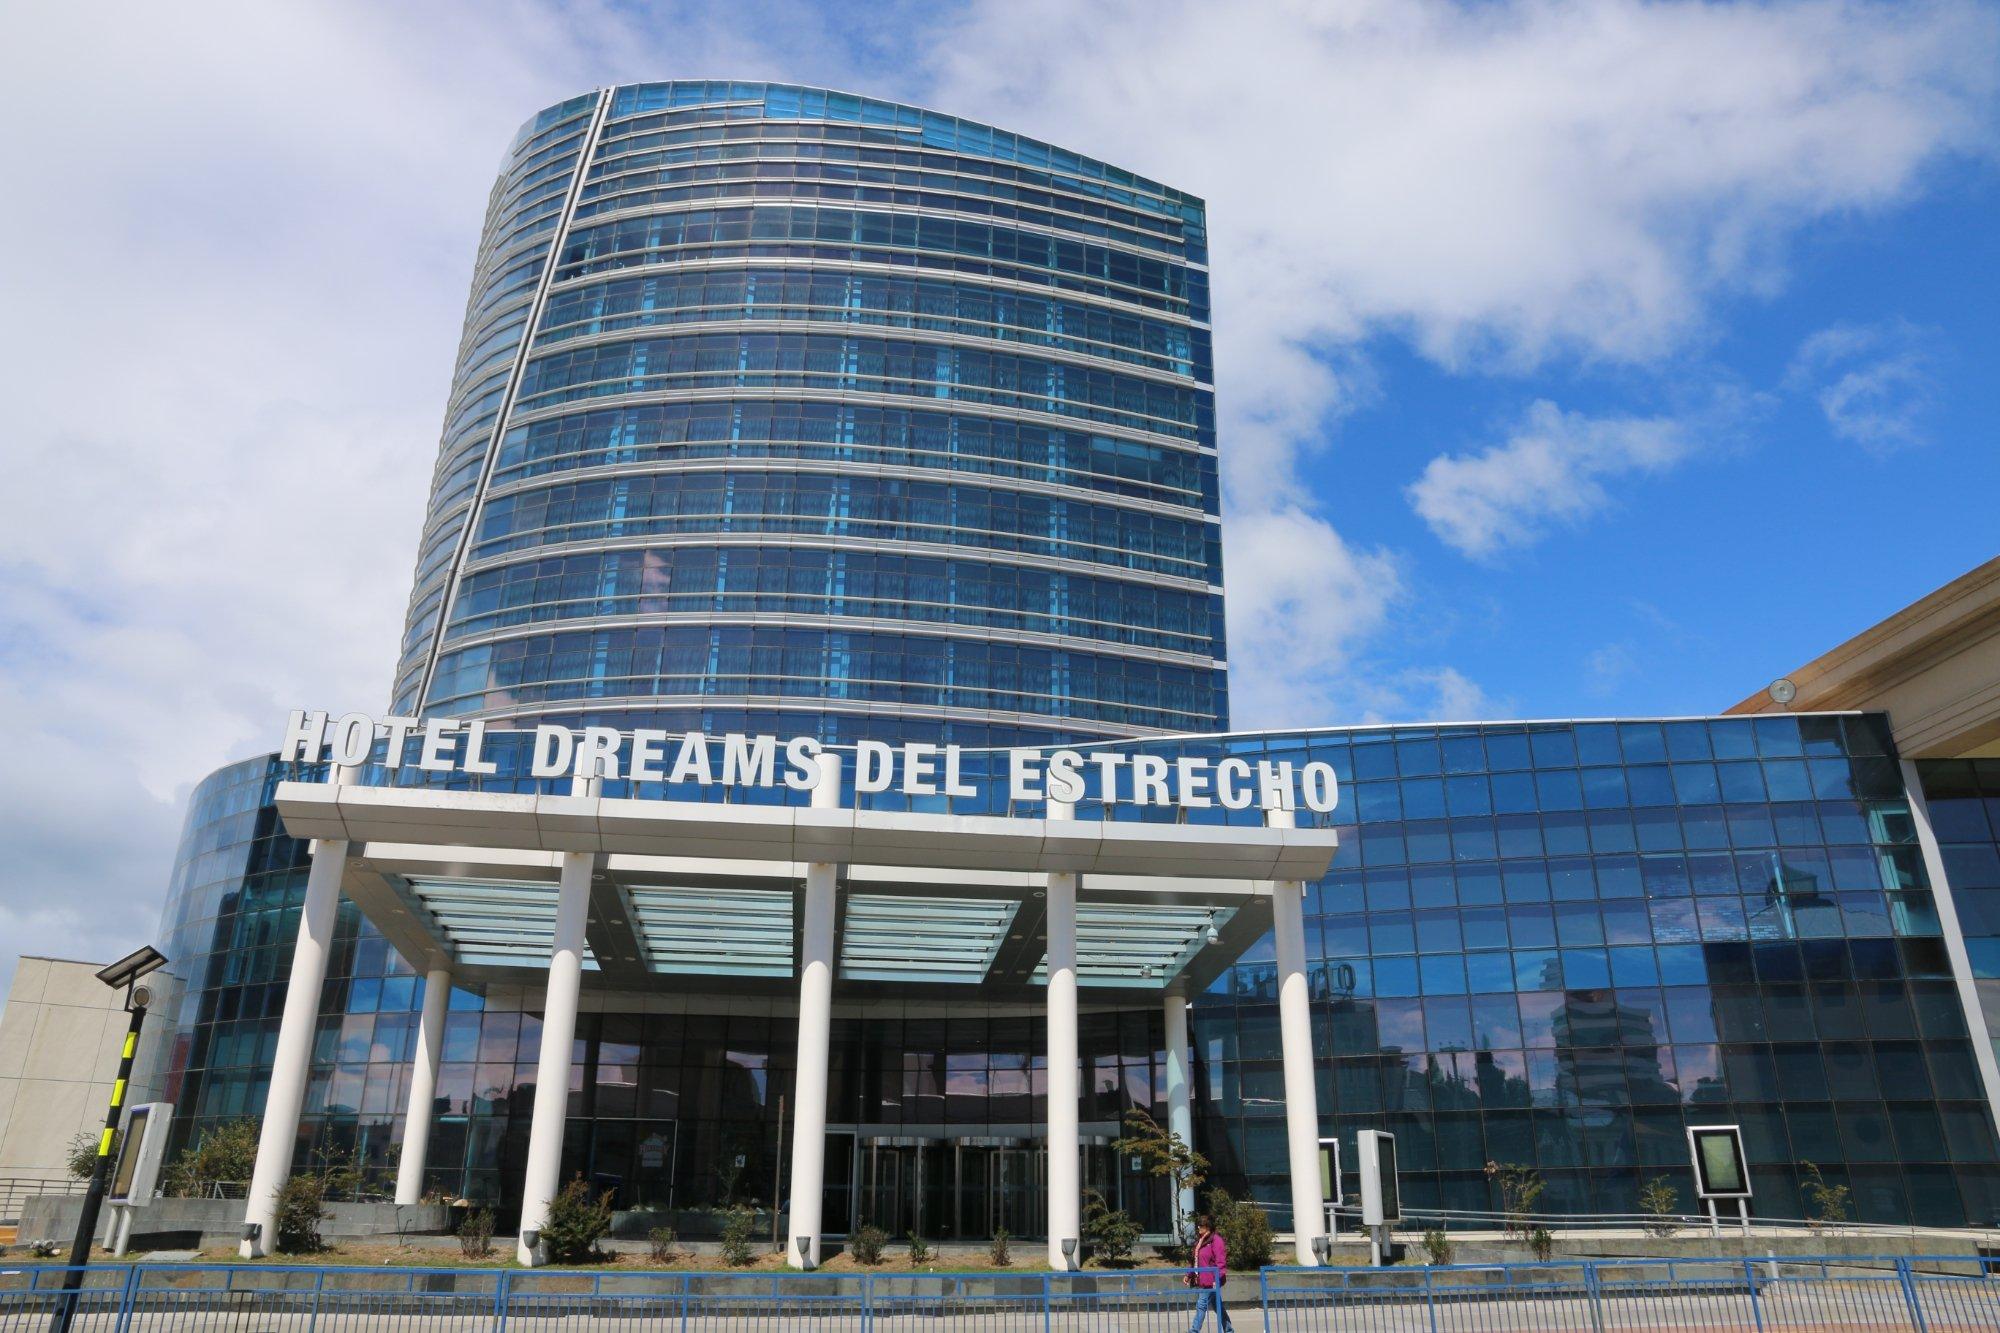 Hotel Dreams del Estrecho